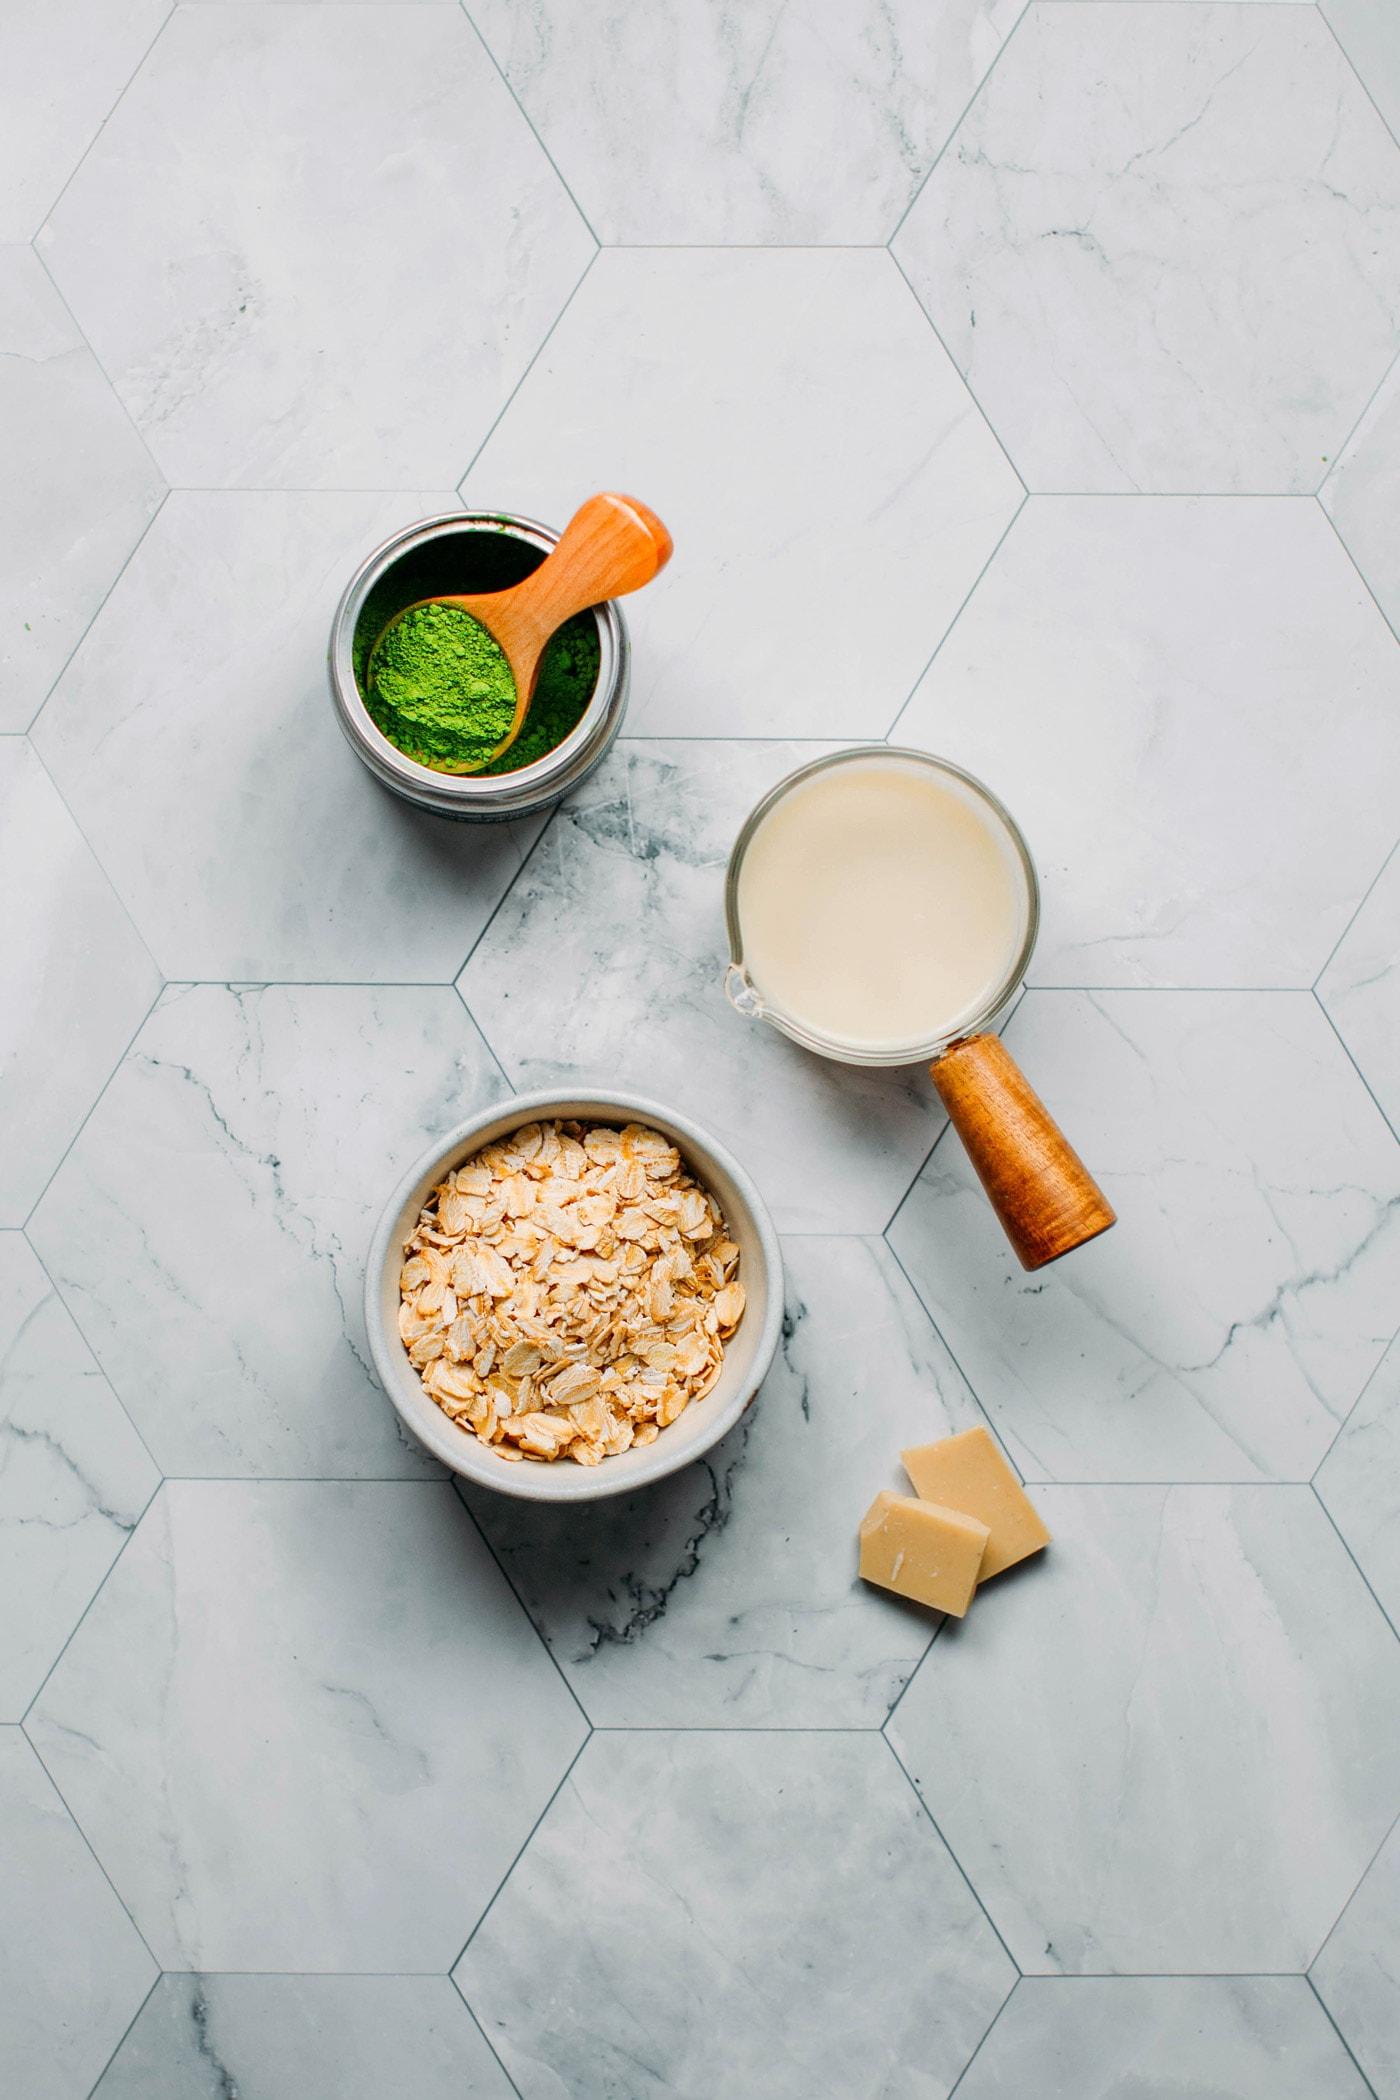 Instant Pot Matcha Oatmeal